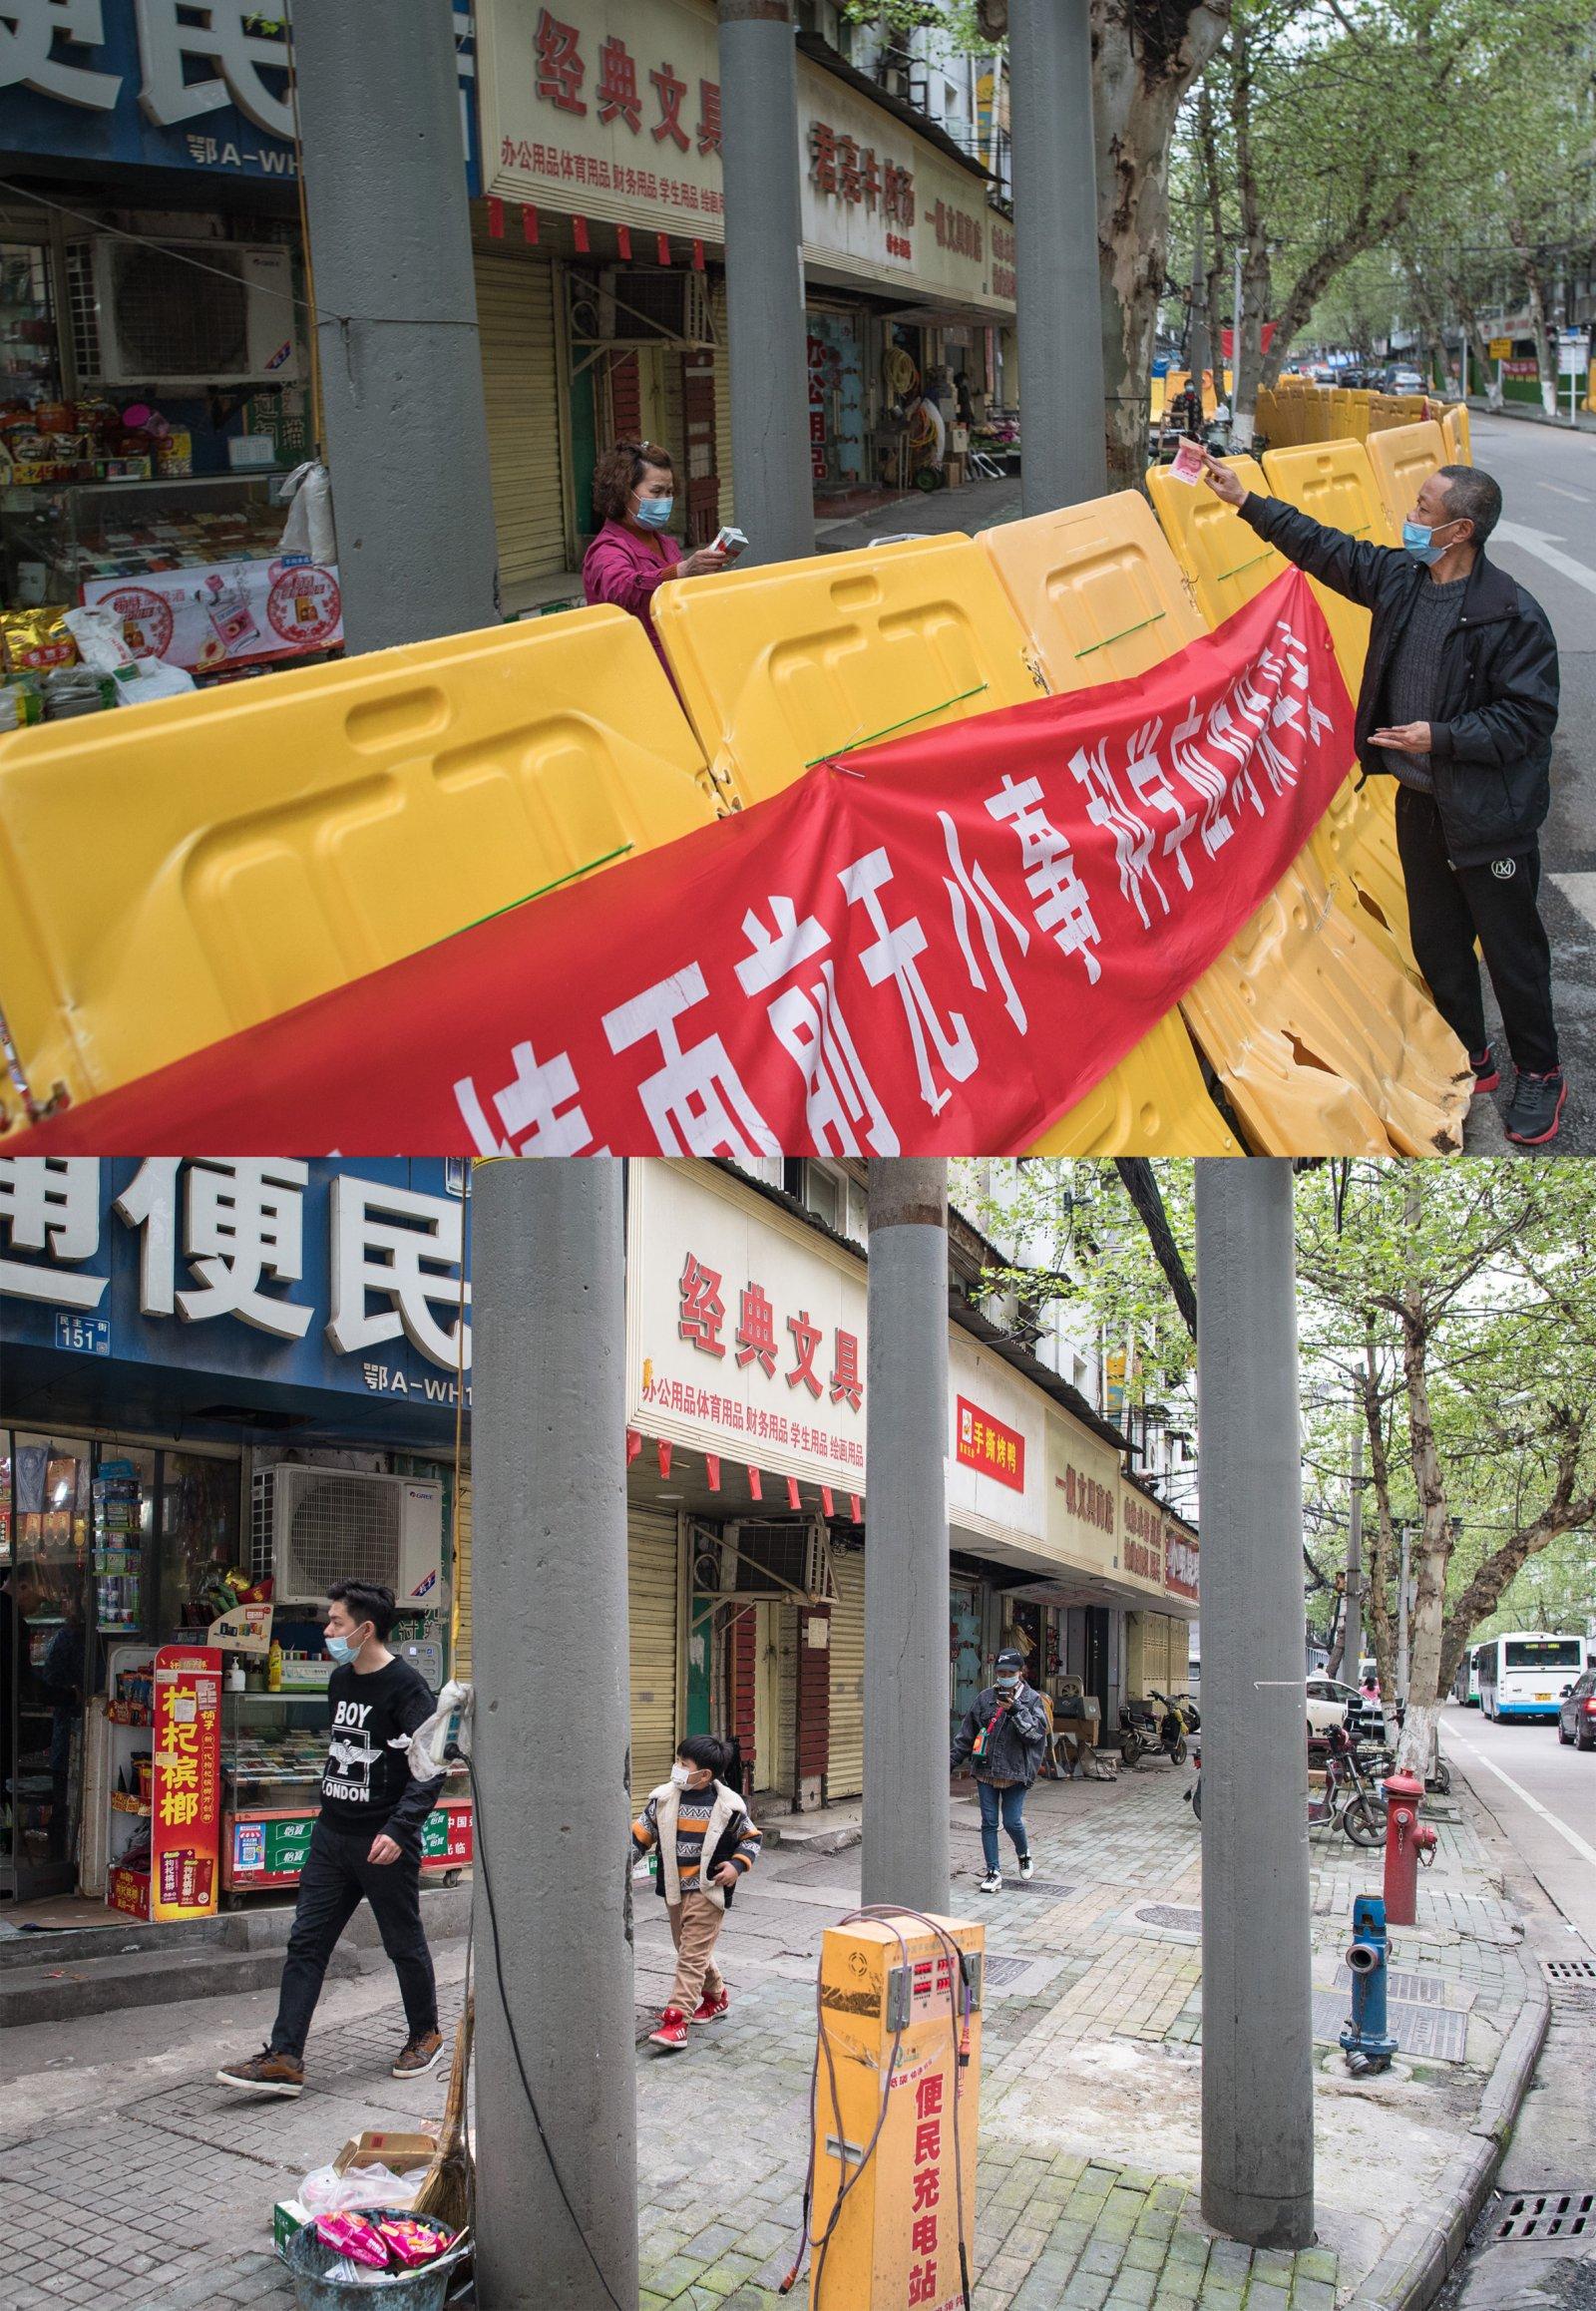 這是一張拼版照片,上圖為:2020年4月1日拍攝的武漢市江漢區民主一街街道;下圖為:2021年4月4日拍攝的武漢市江漢區民主一街街道。(新華社)